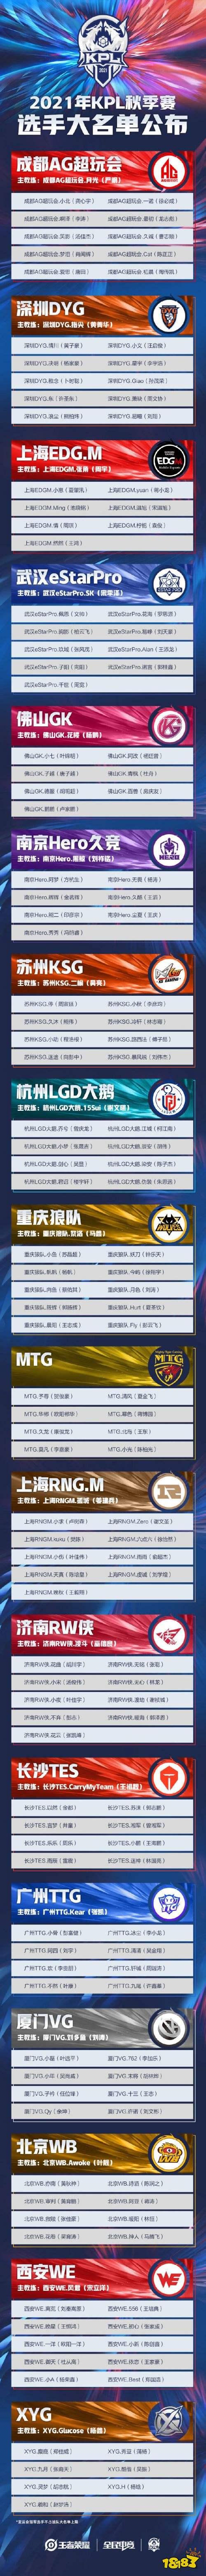 王者荣耀S24赛季秋季转会名单公布 AG成为明星战队